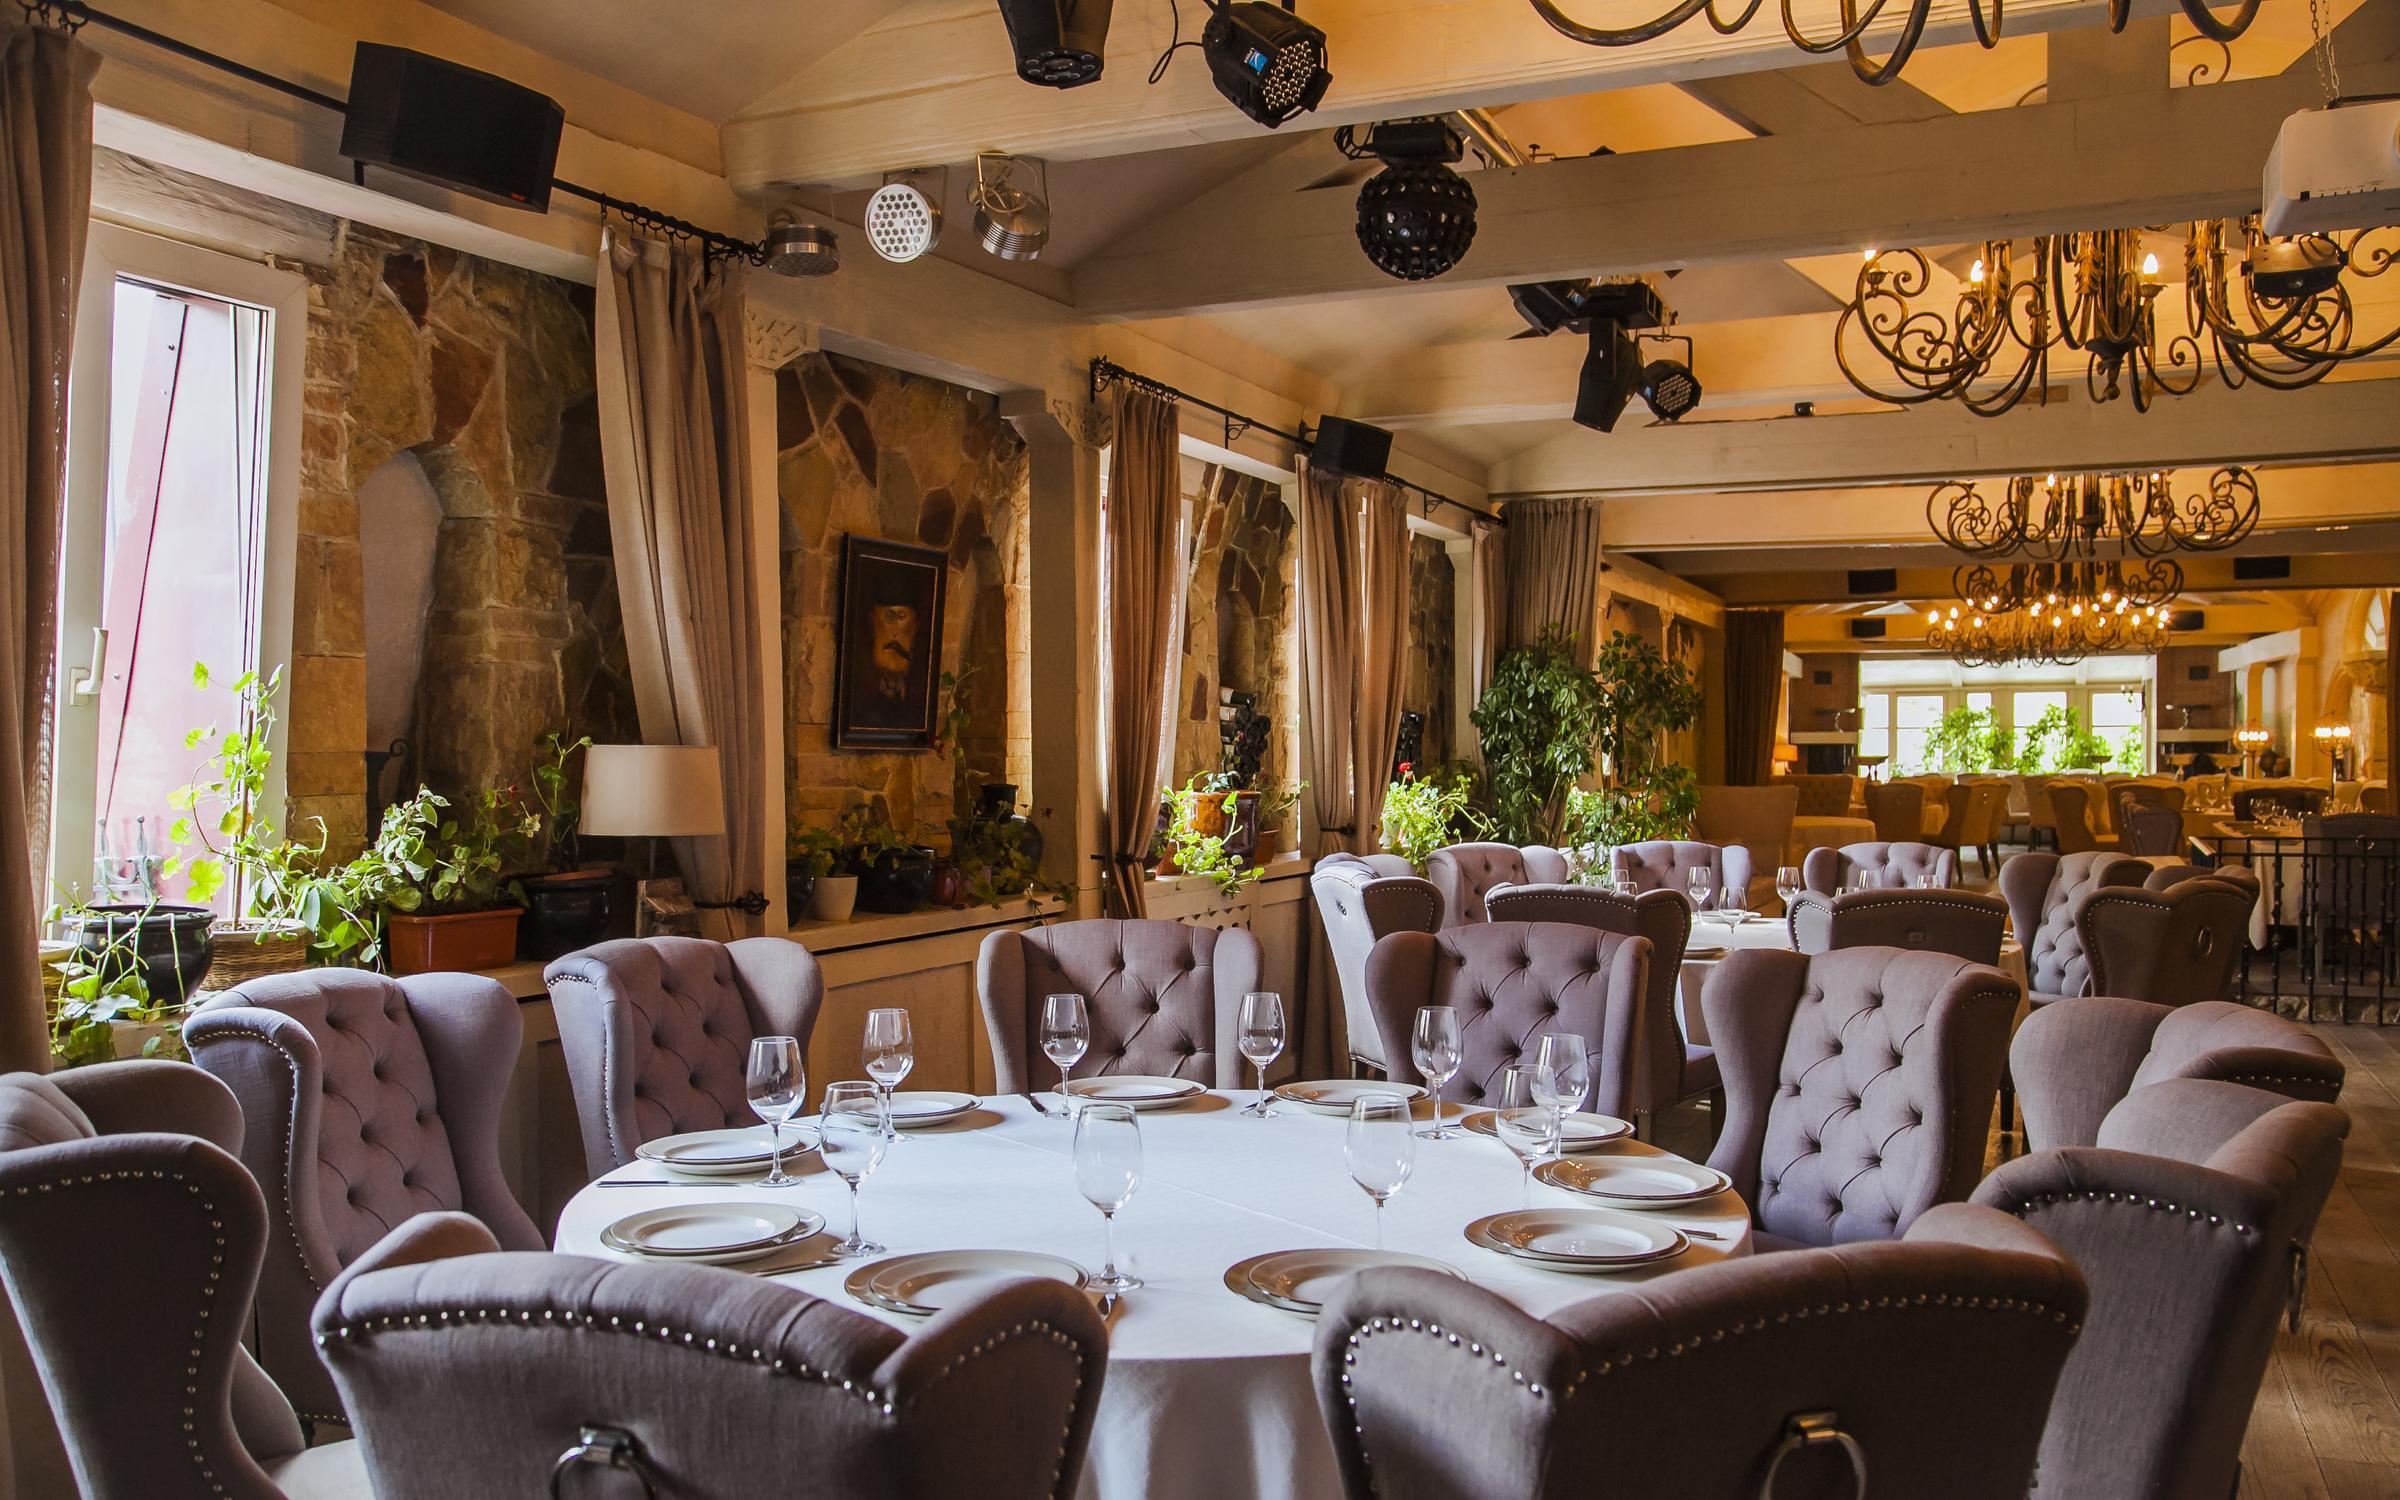 фотография Ресторана Тифлисский дворик на улице Остоженка